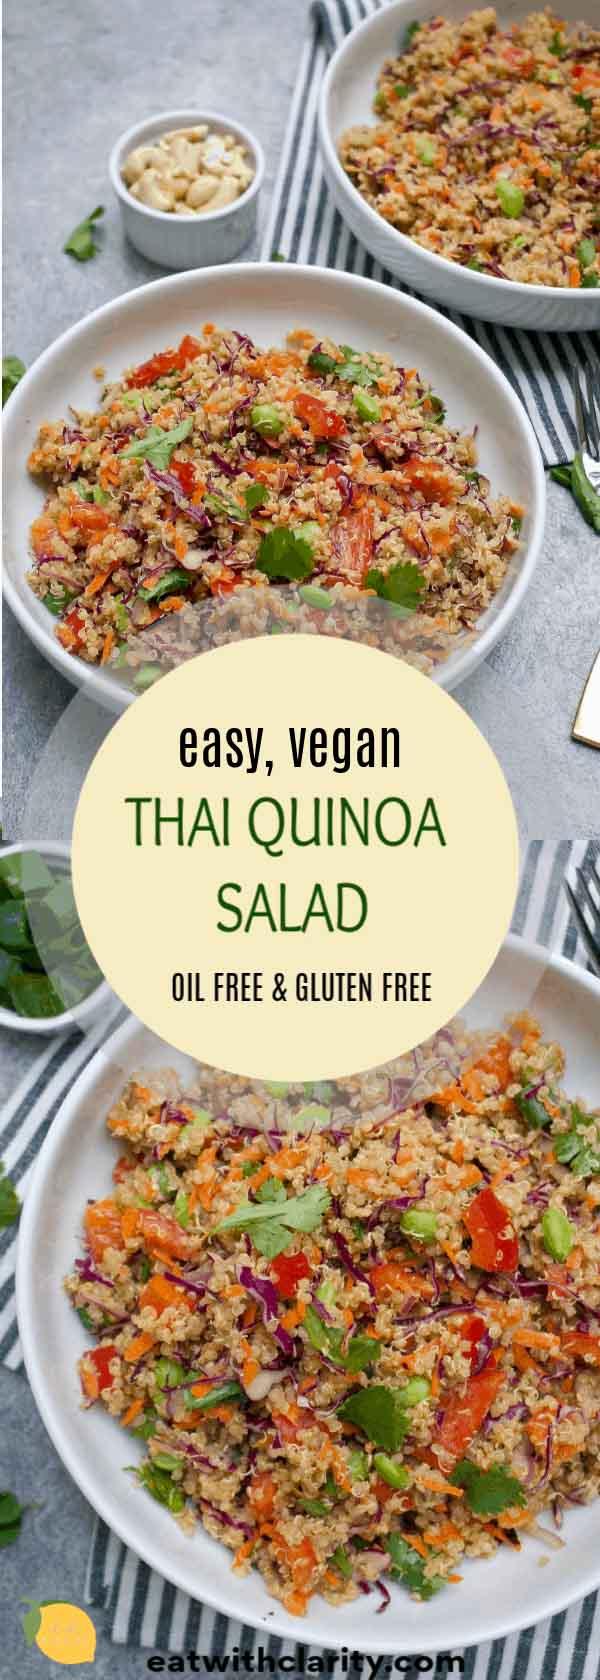 Save this vegan thai quinoa salad recipe for later!